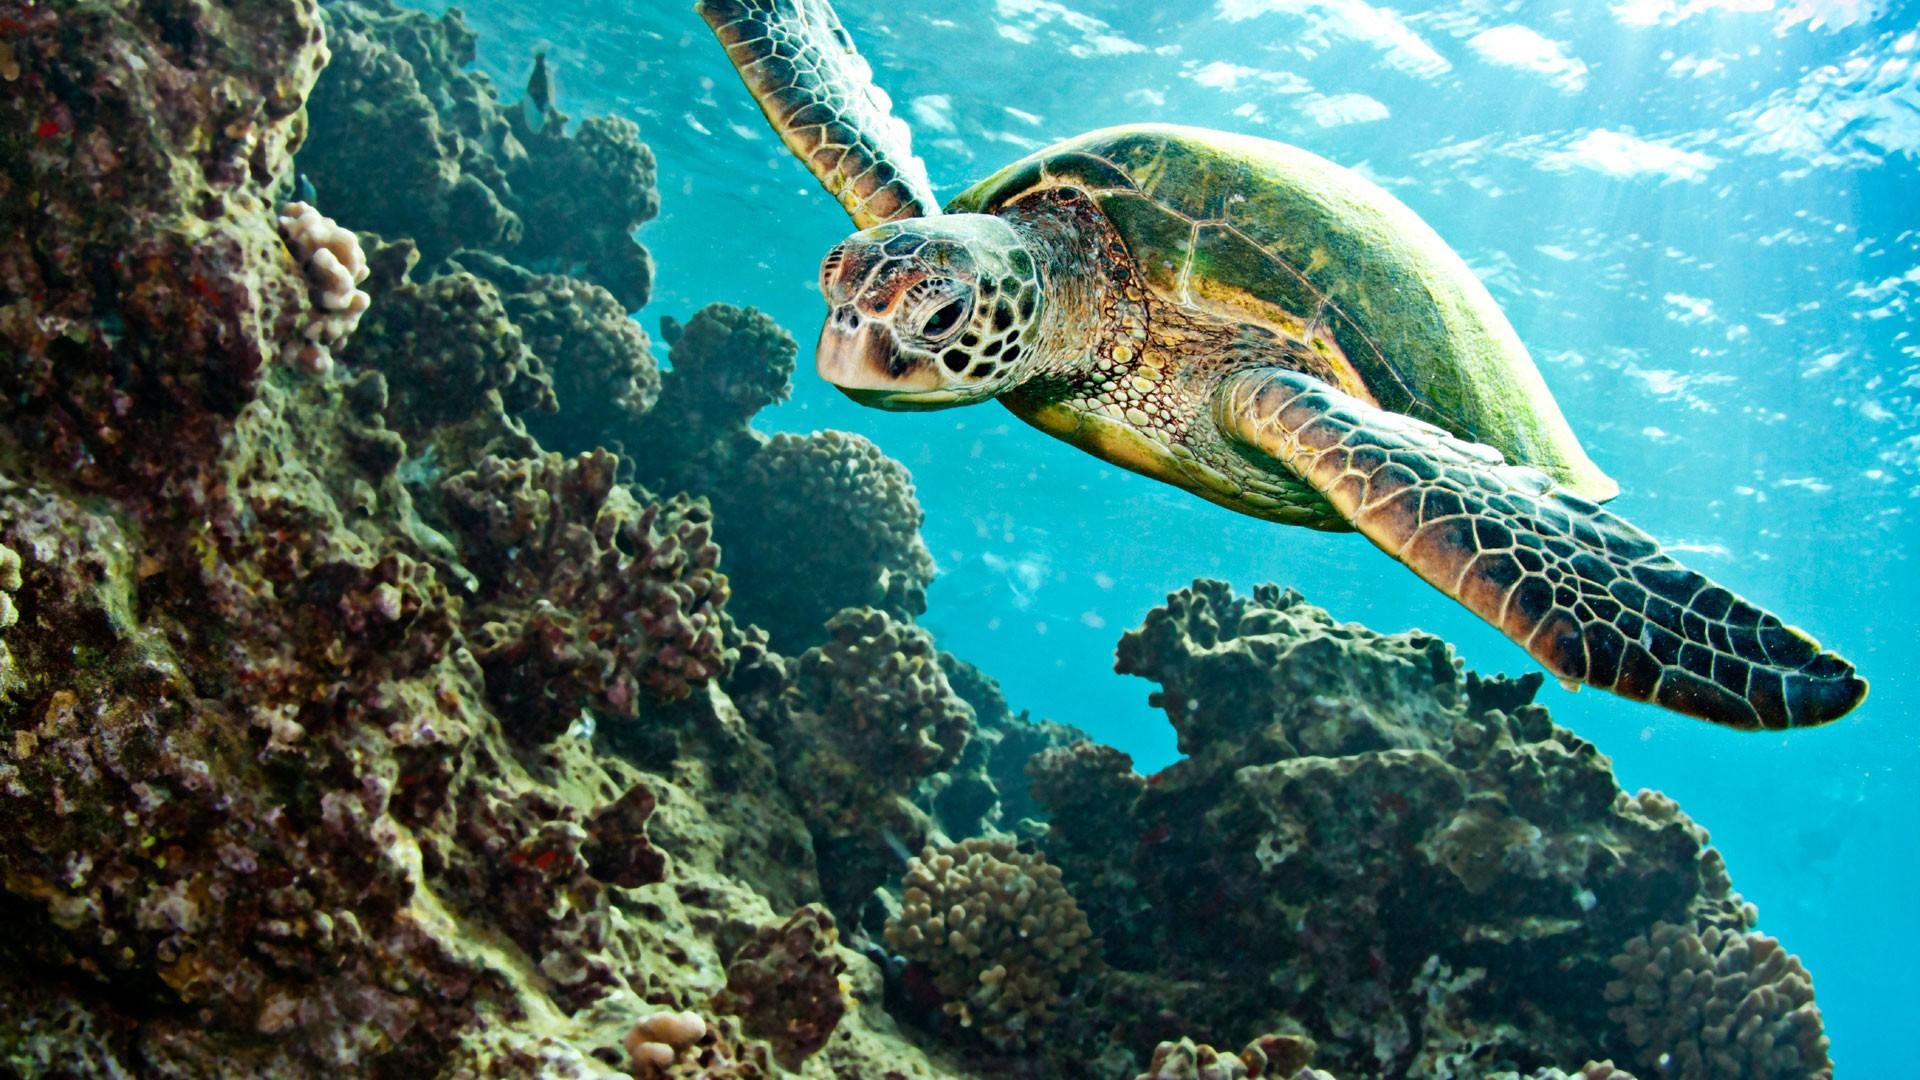 Turtle Tortoise Underwater Ocean Wallpaper 1920x1080 72605 Wallpaperup